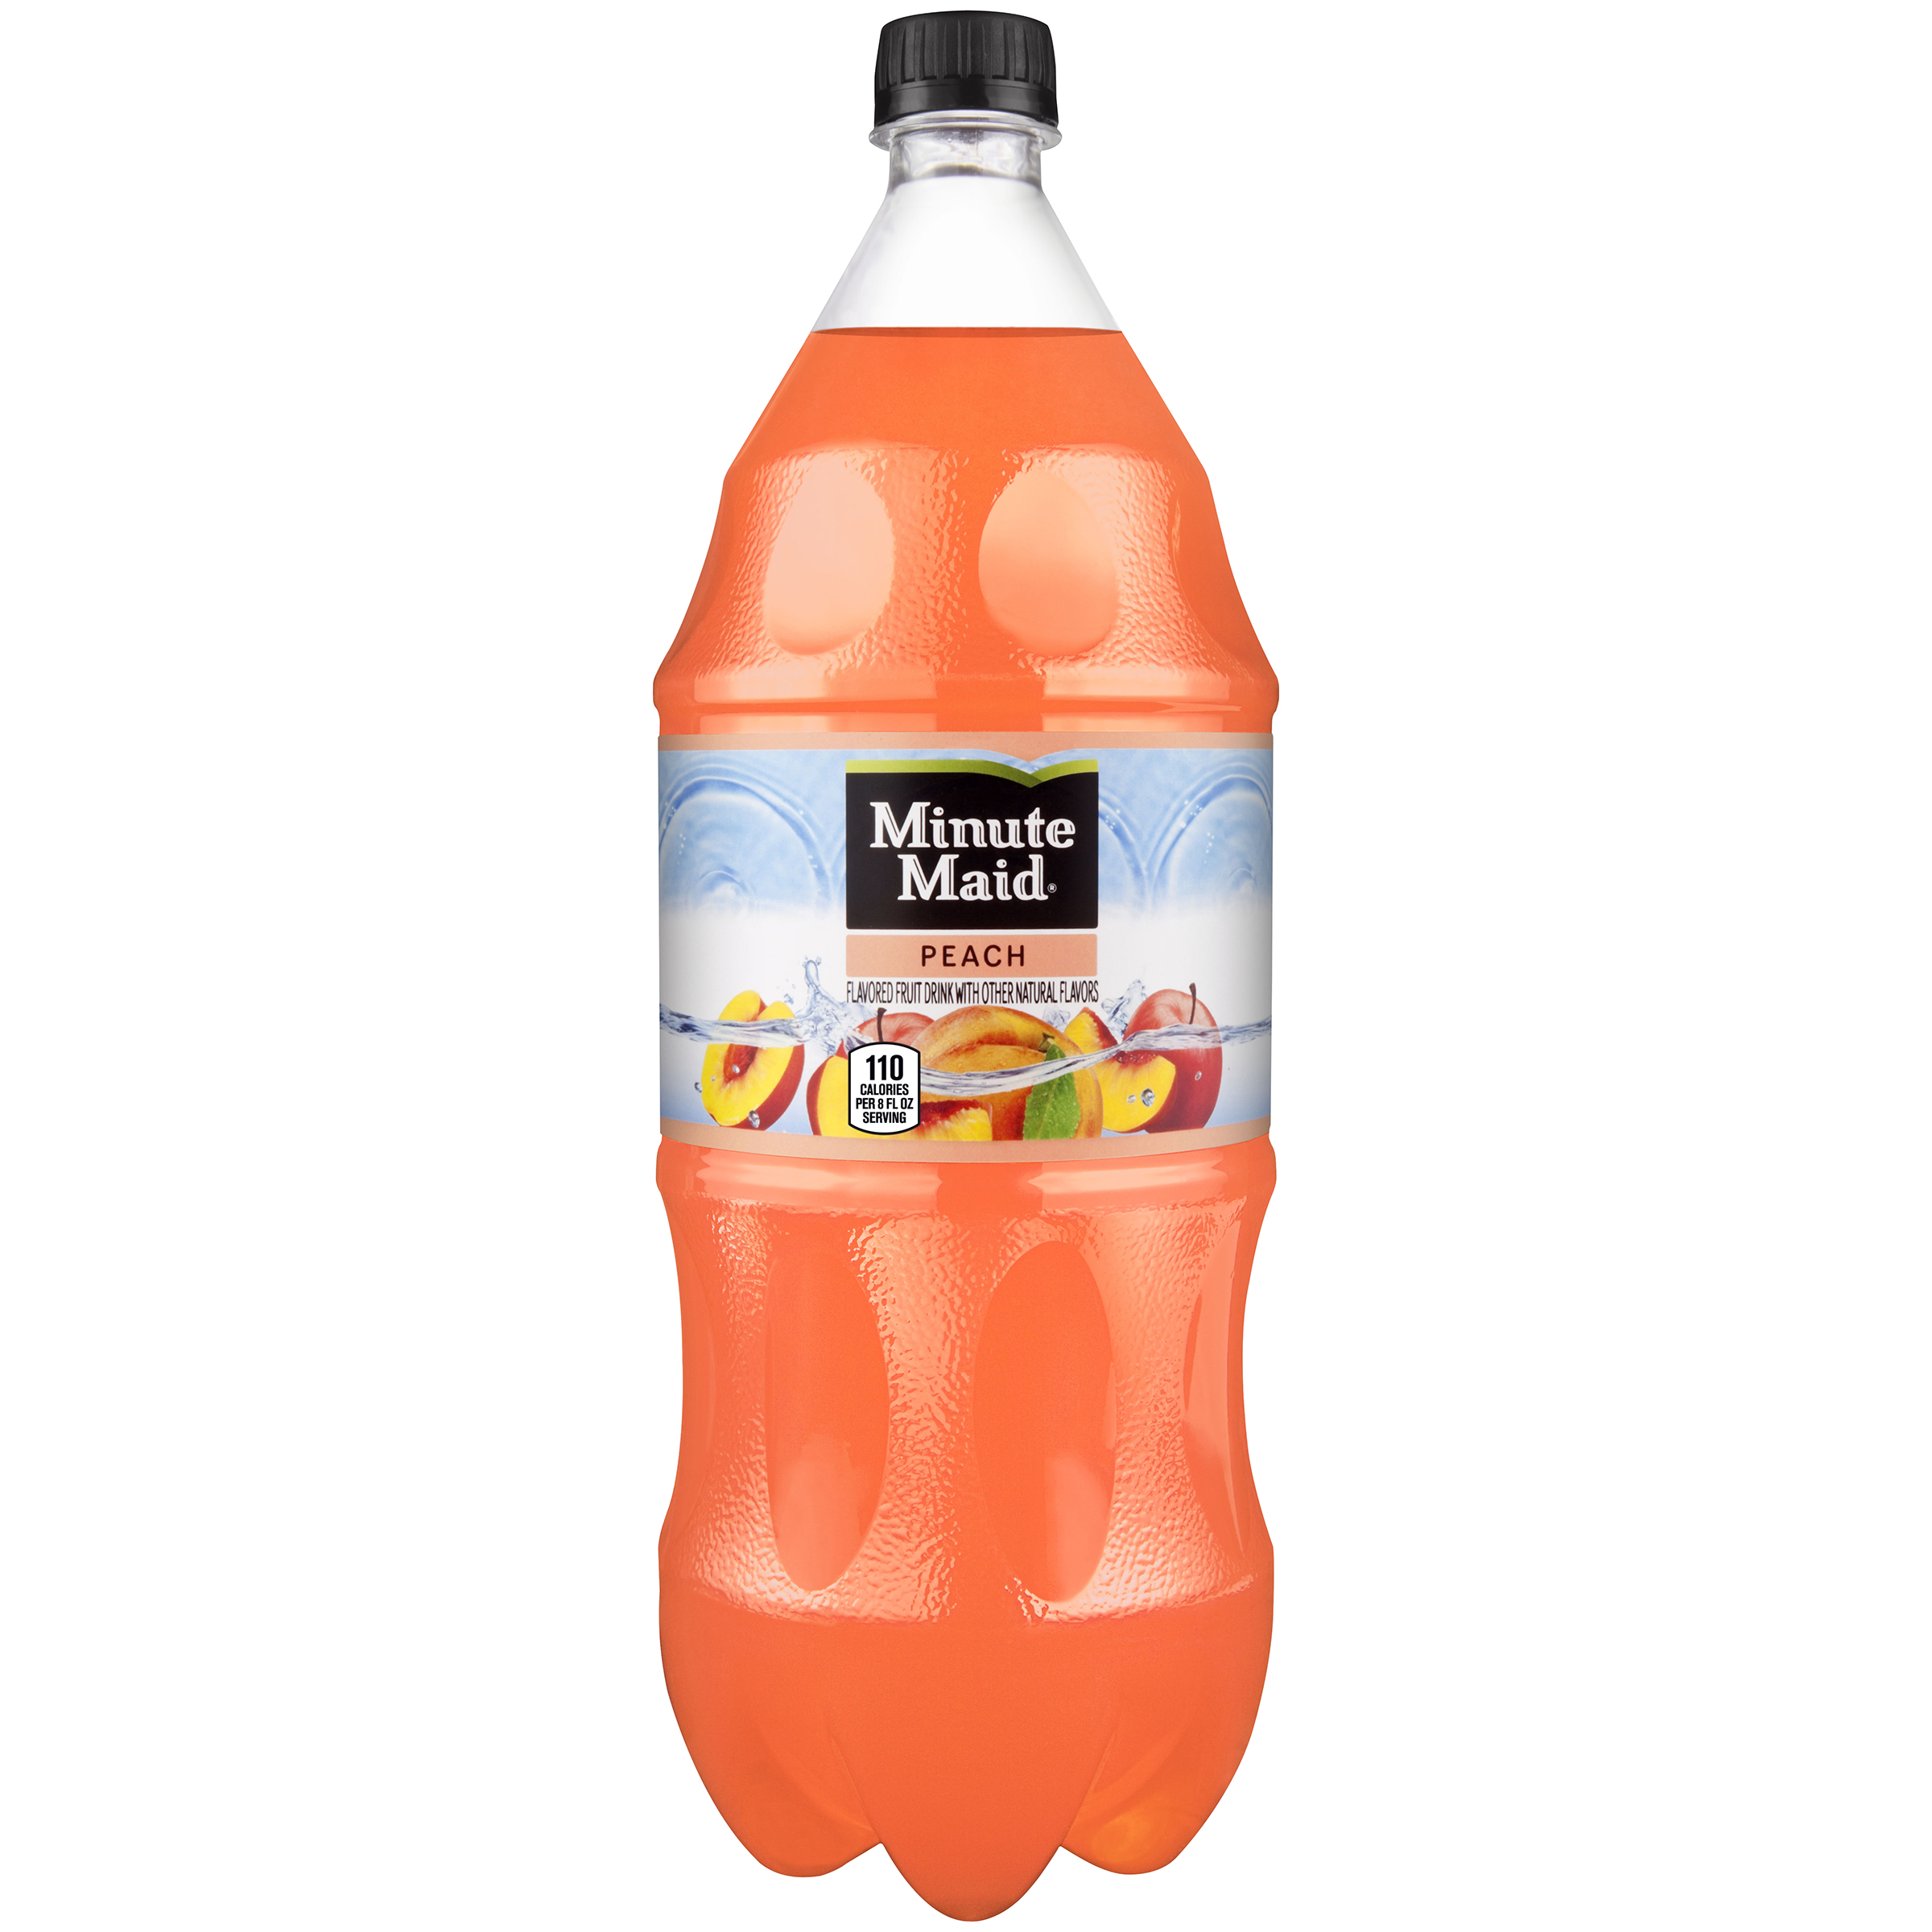 Minute Maid Light Lemonade